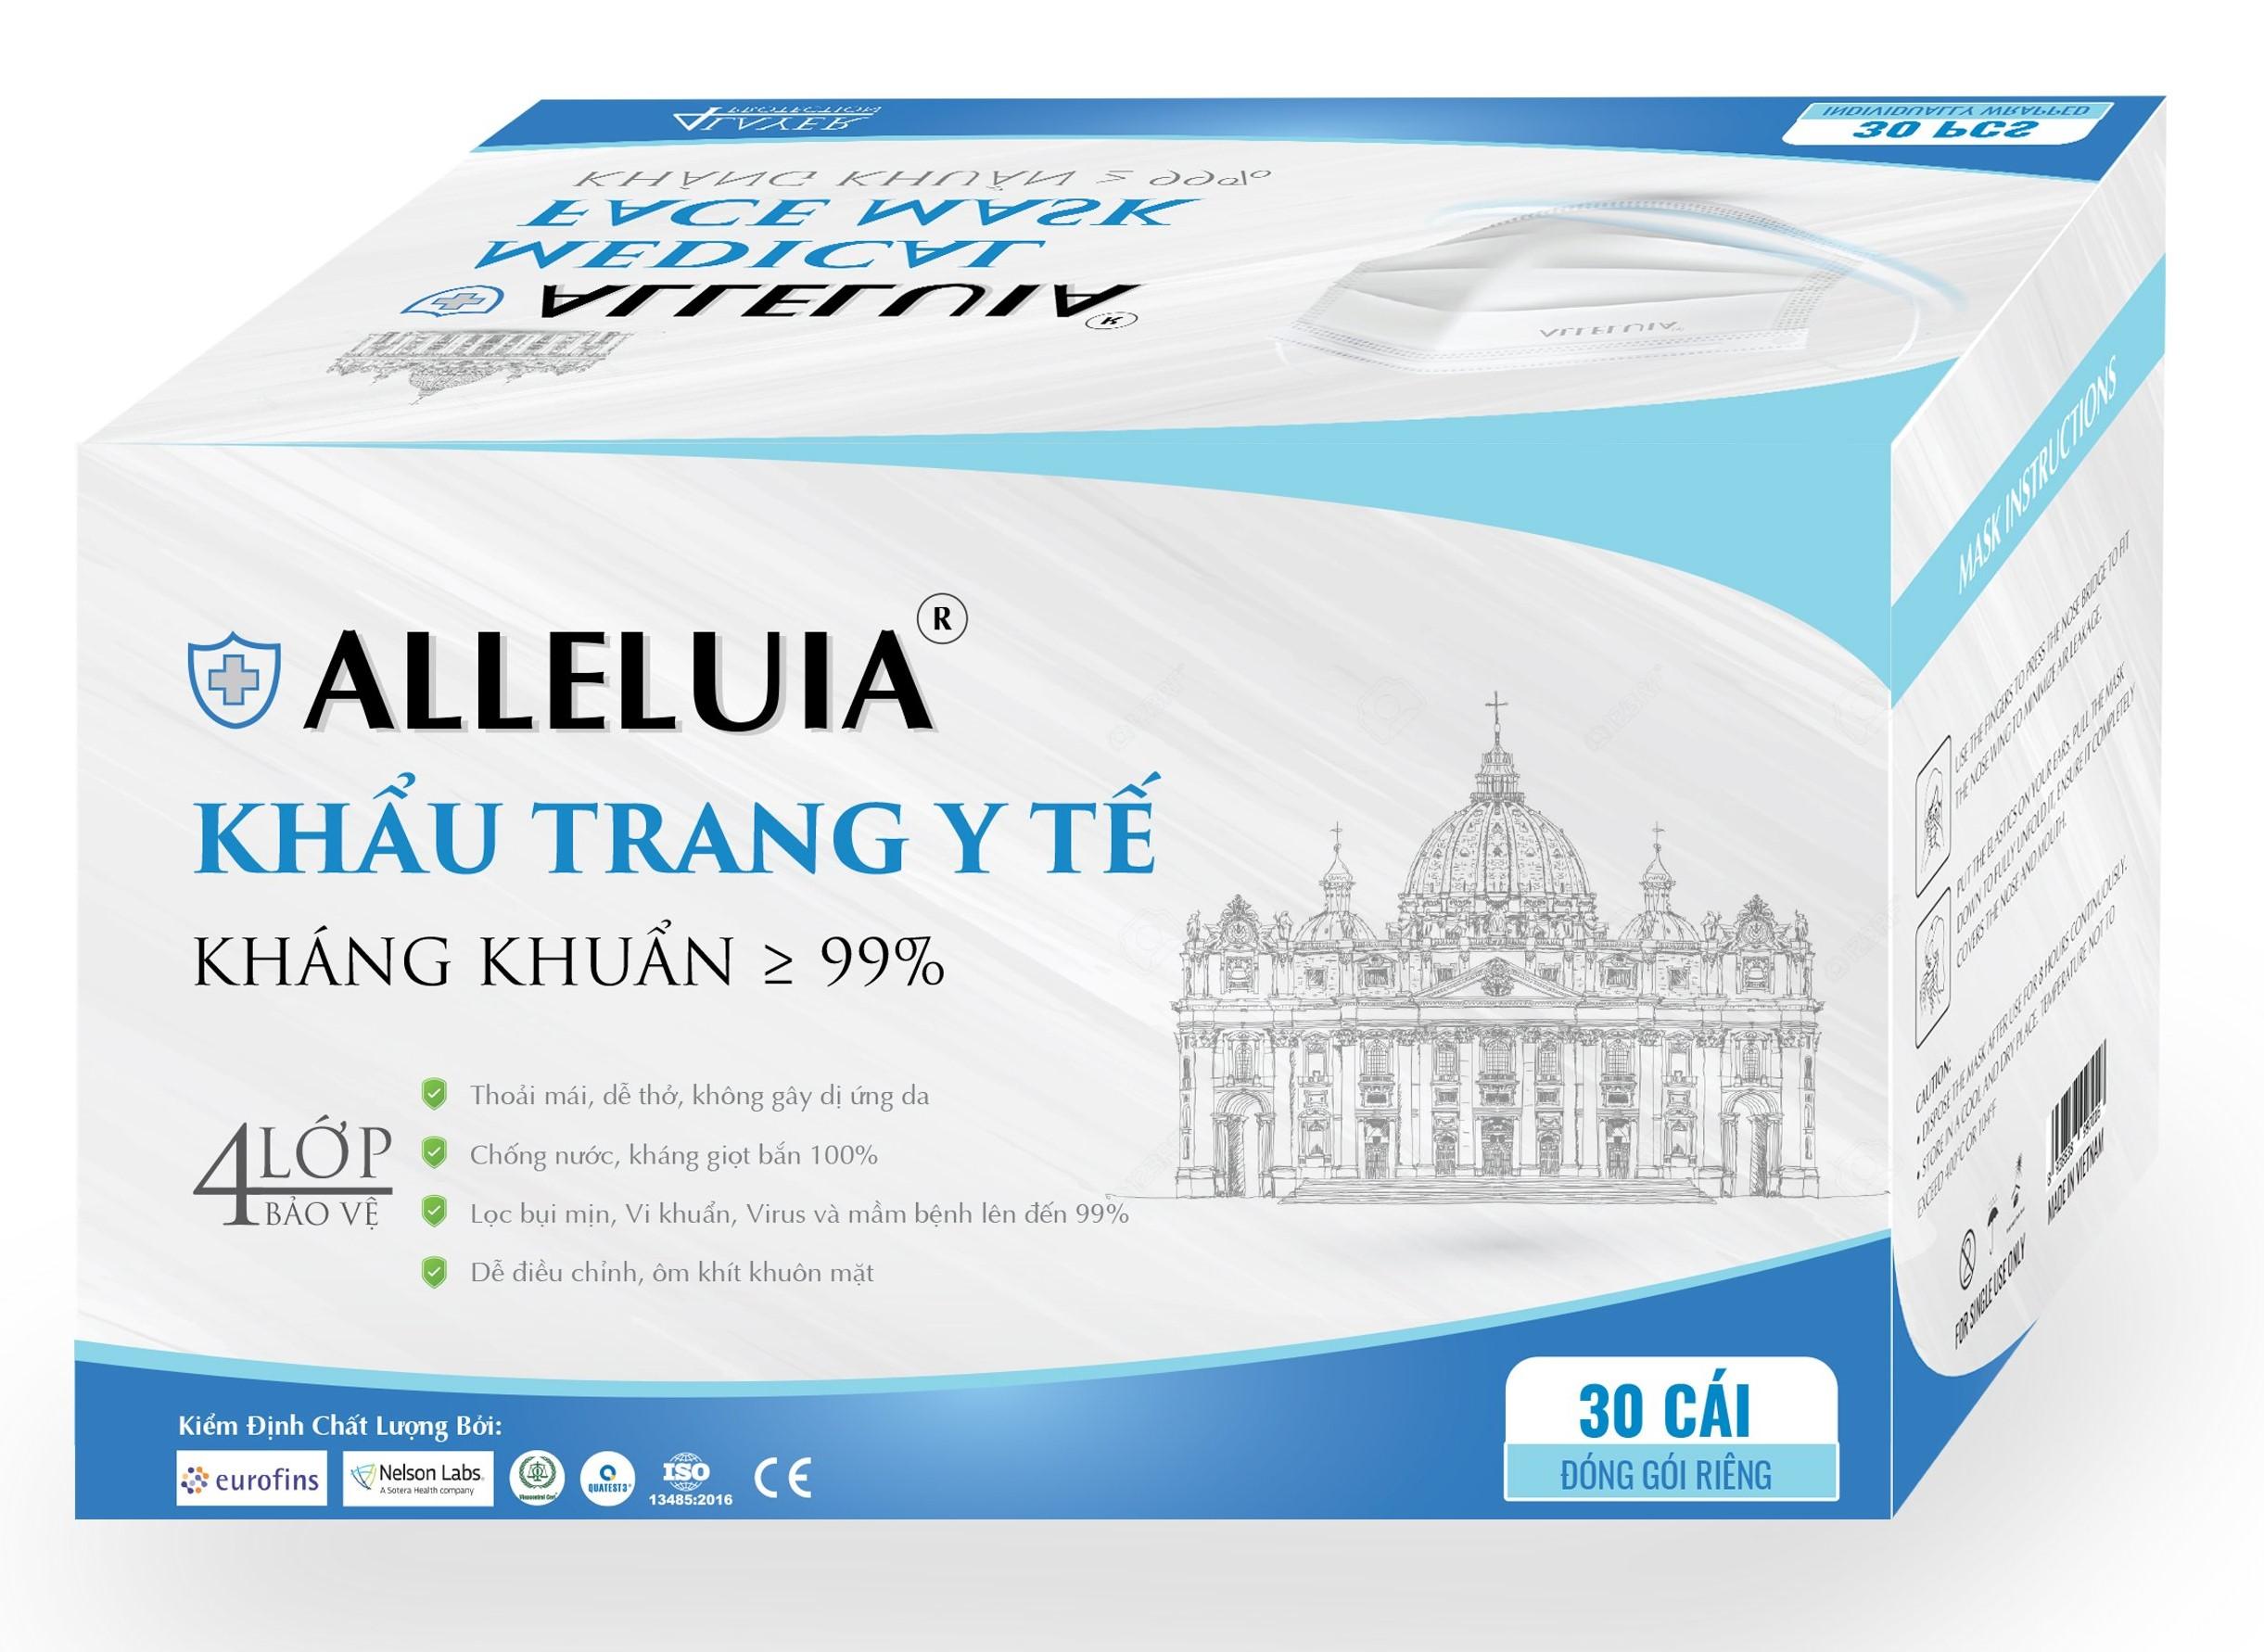 Hộp nhãn xanh khẩu treang Alleluia